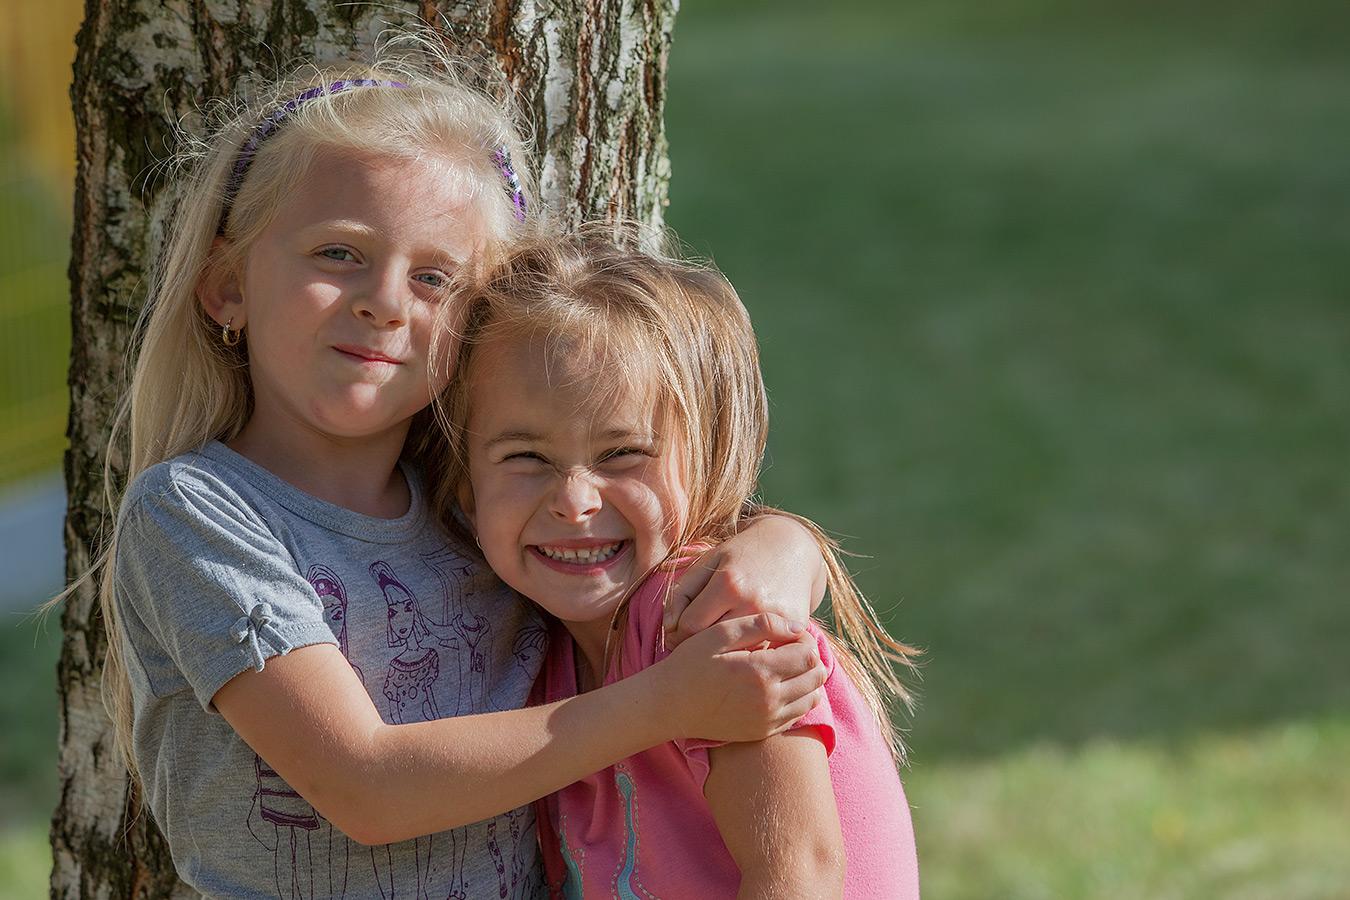 Fotografie zweier glücklichen Freundinnen